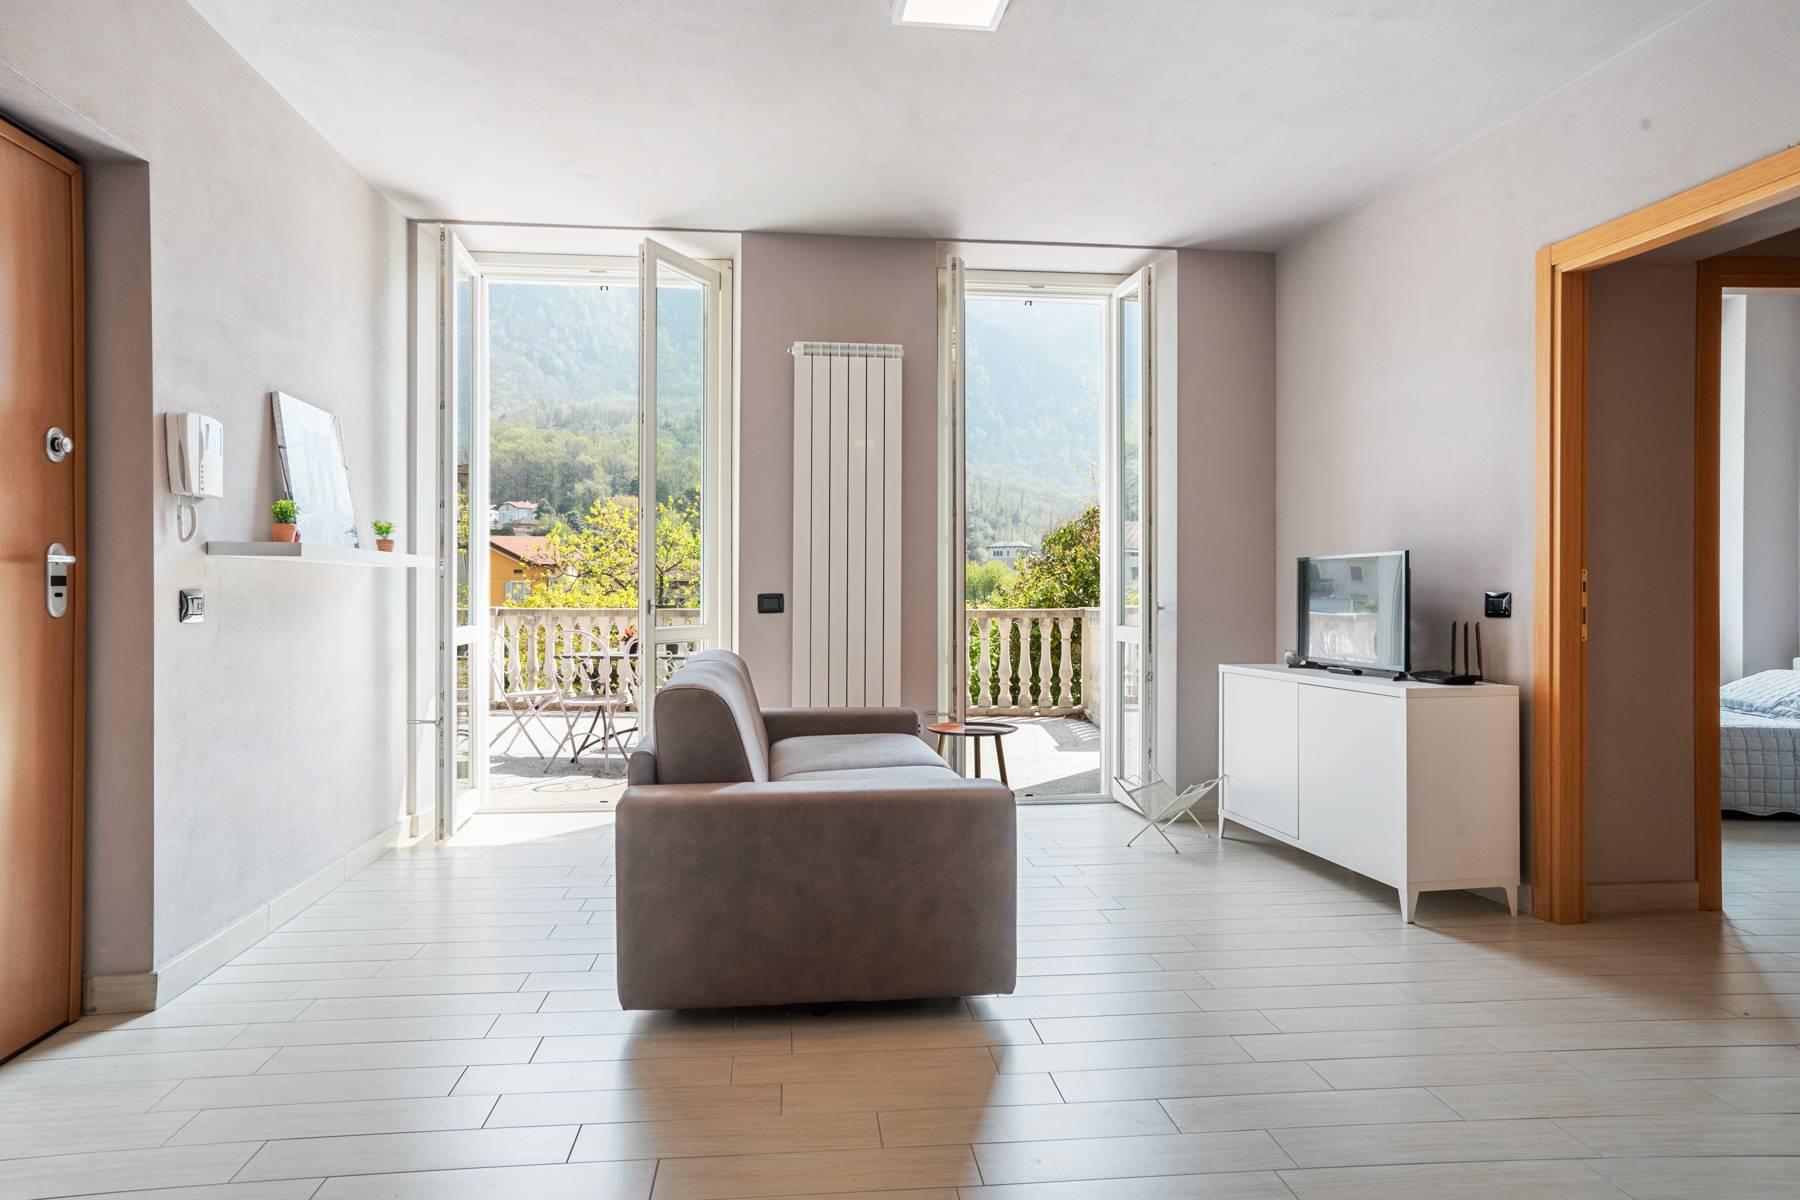 Appartamento in Vendita a Castelveccana: 3 locali, 95 mq - Foto 7